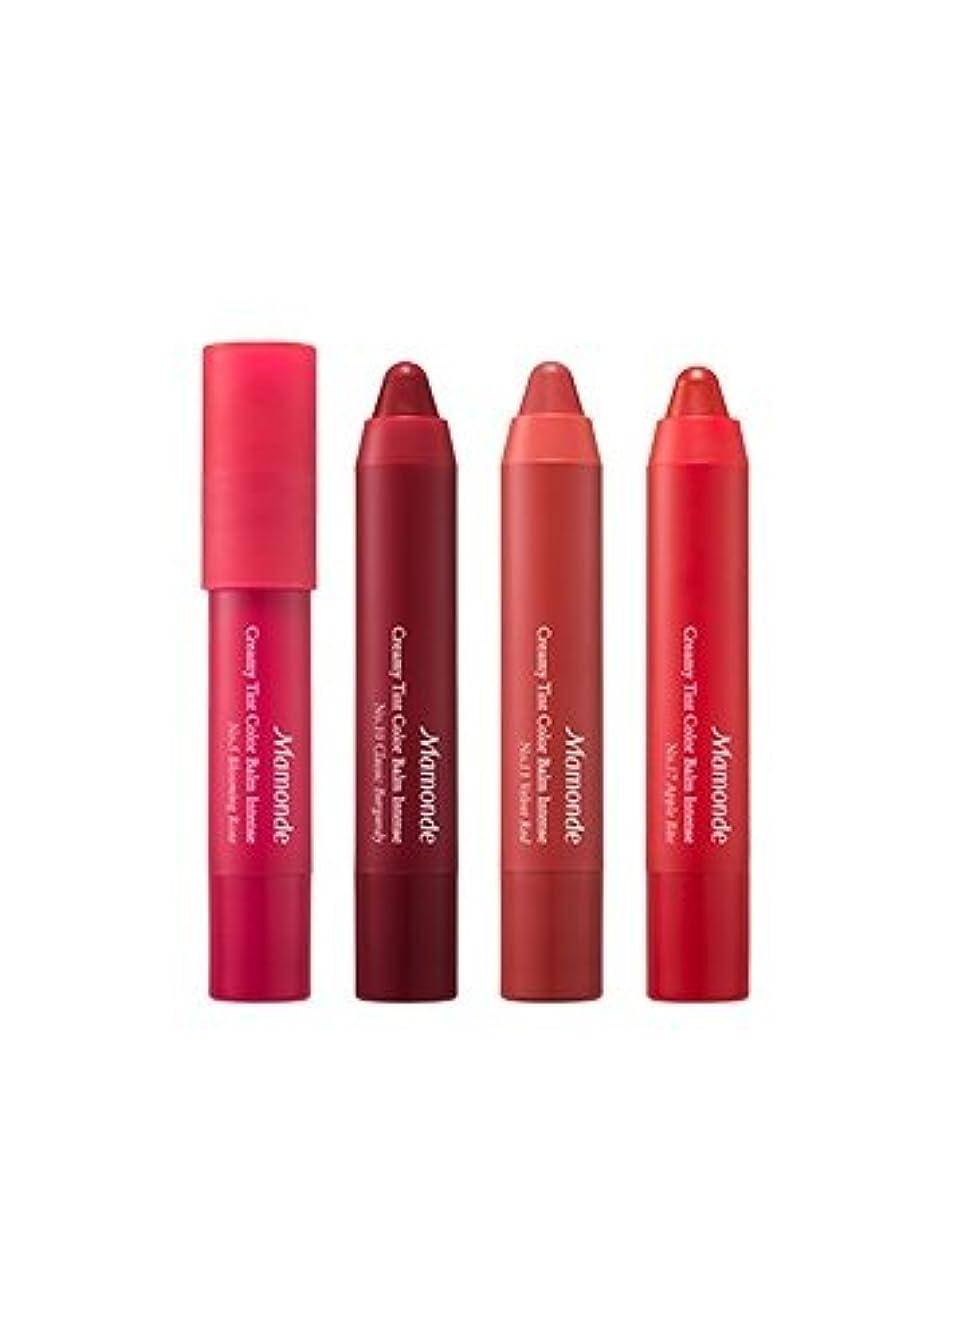 軽量排除するさびた[New] Mamonde Color Balm Intense No.11 Velvet Red マモンド カラーバームインテンス (No.11 Velvet Red) [並行輸入品]